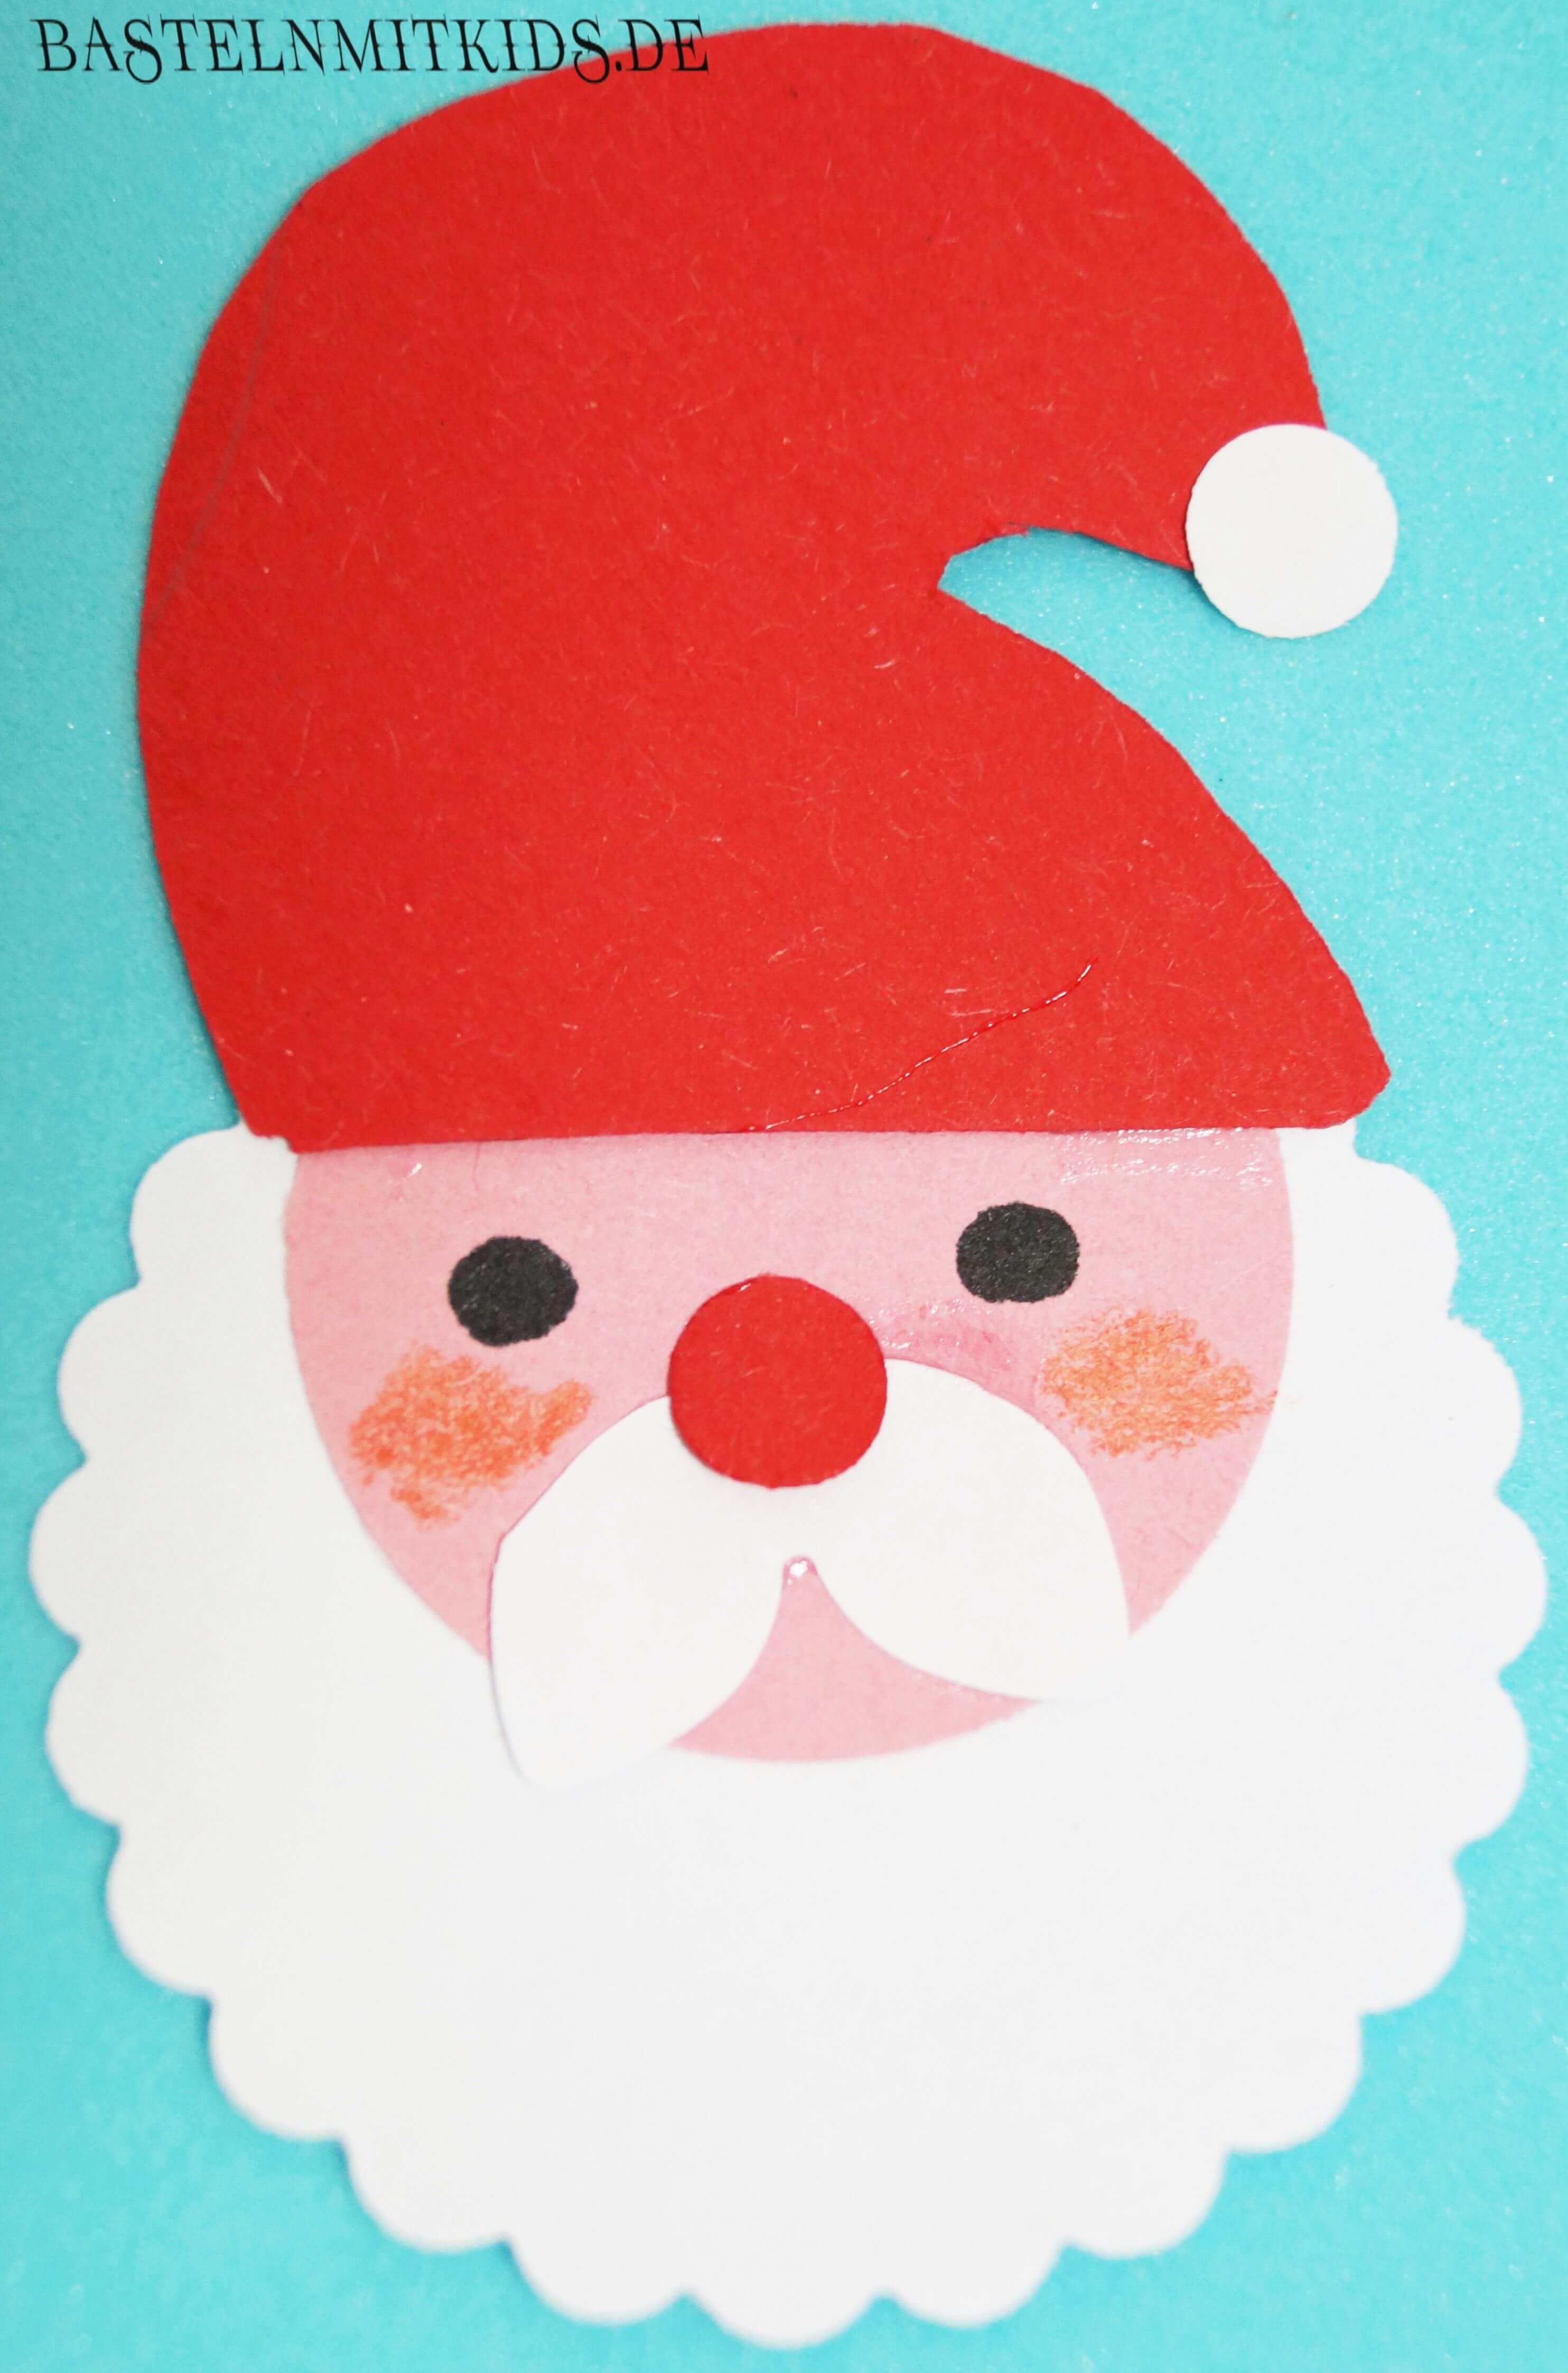 Applikation Weihnachtsmann Diy Gift Hello